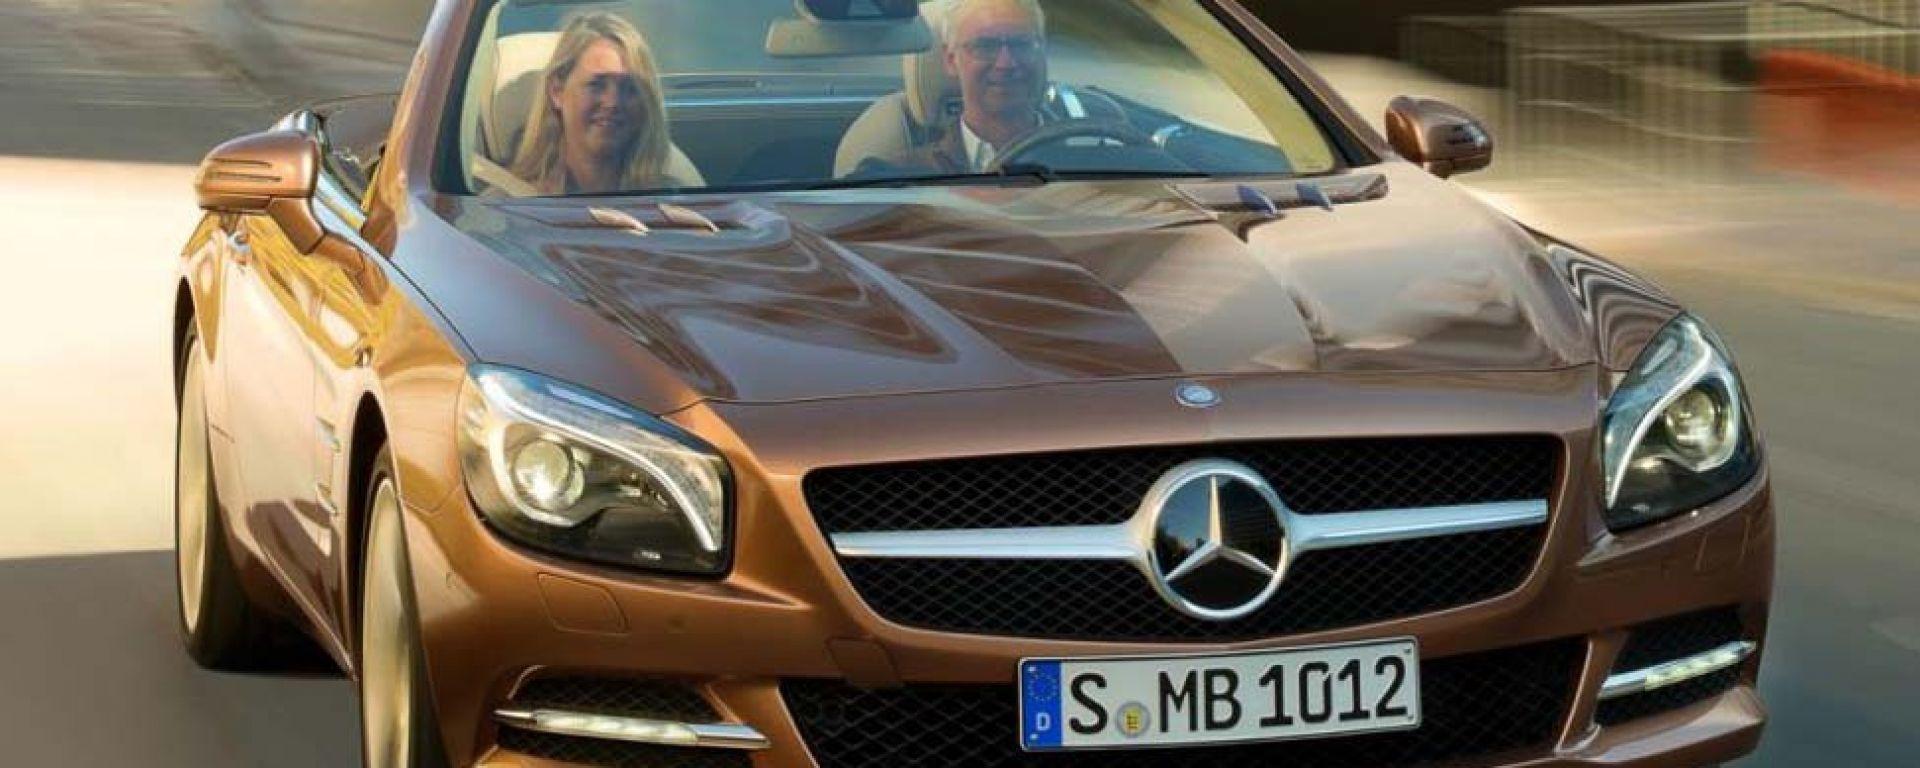 Mercedes SL 2012: le prime immagini ufficiali